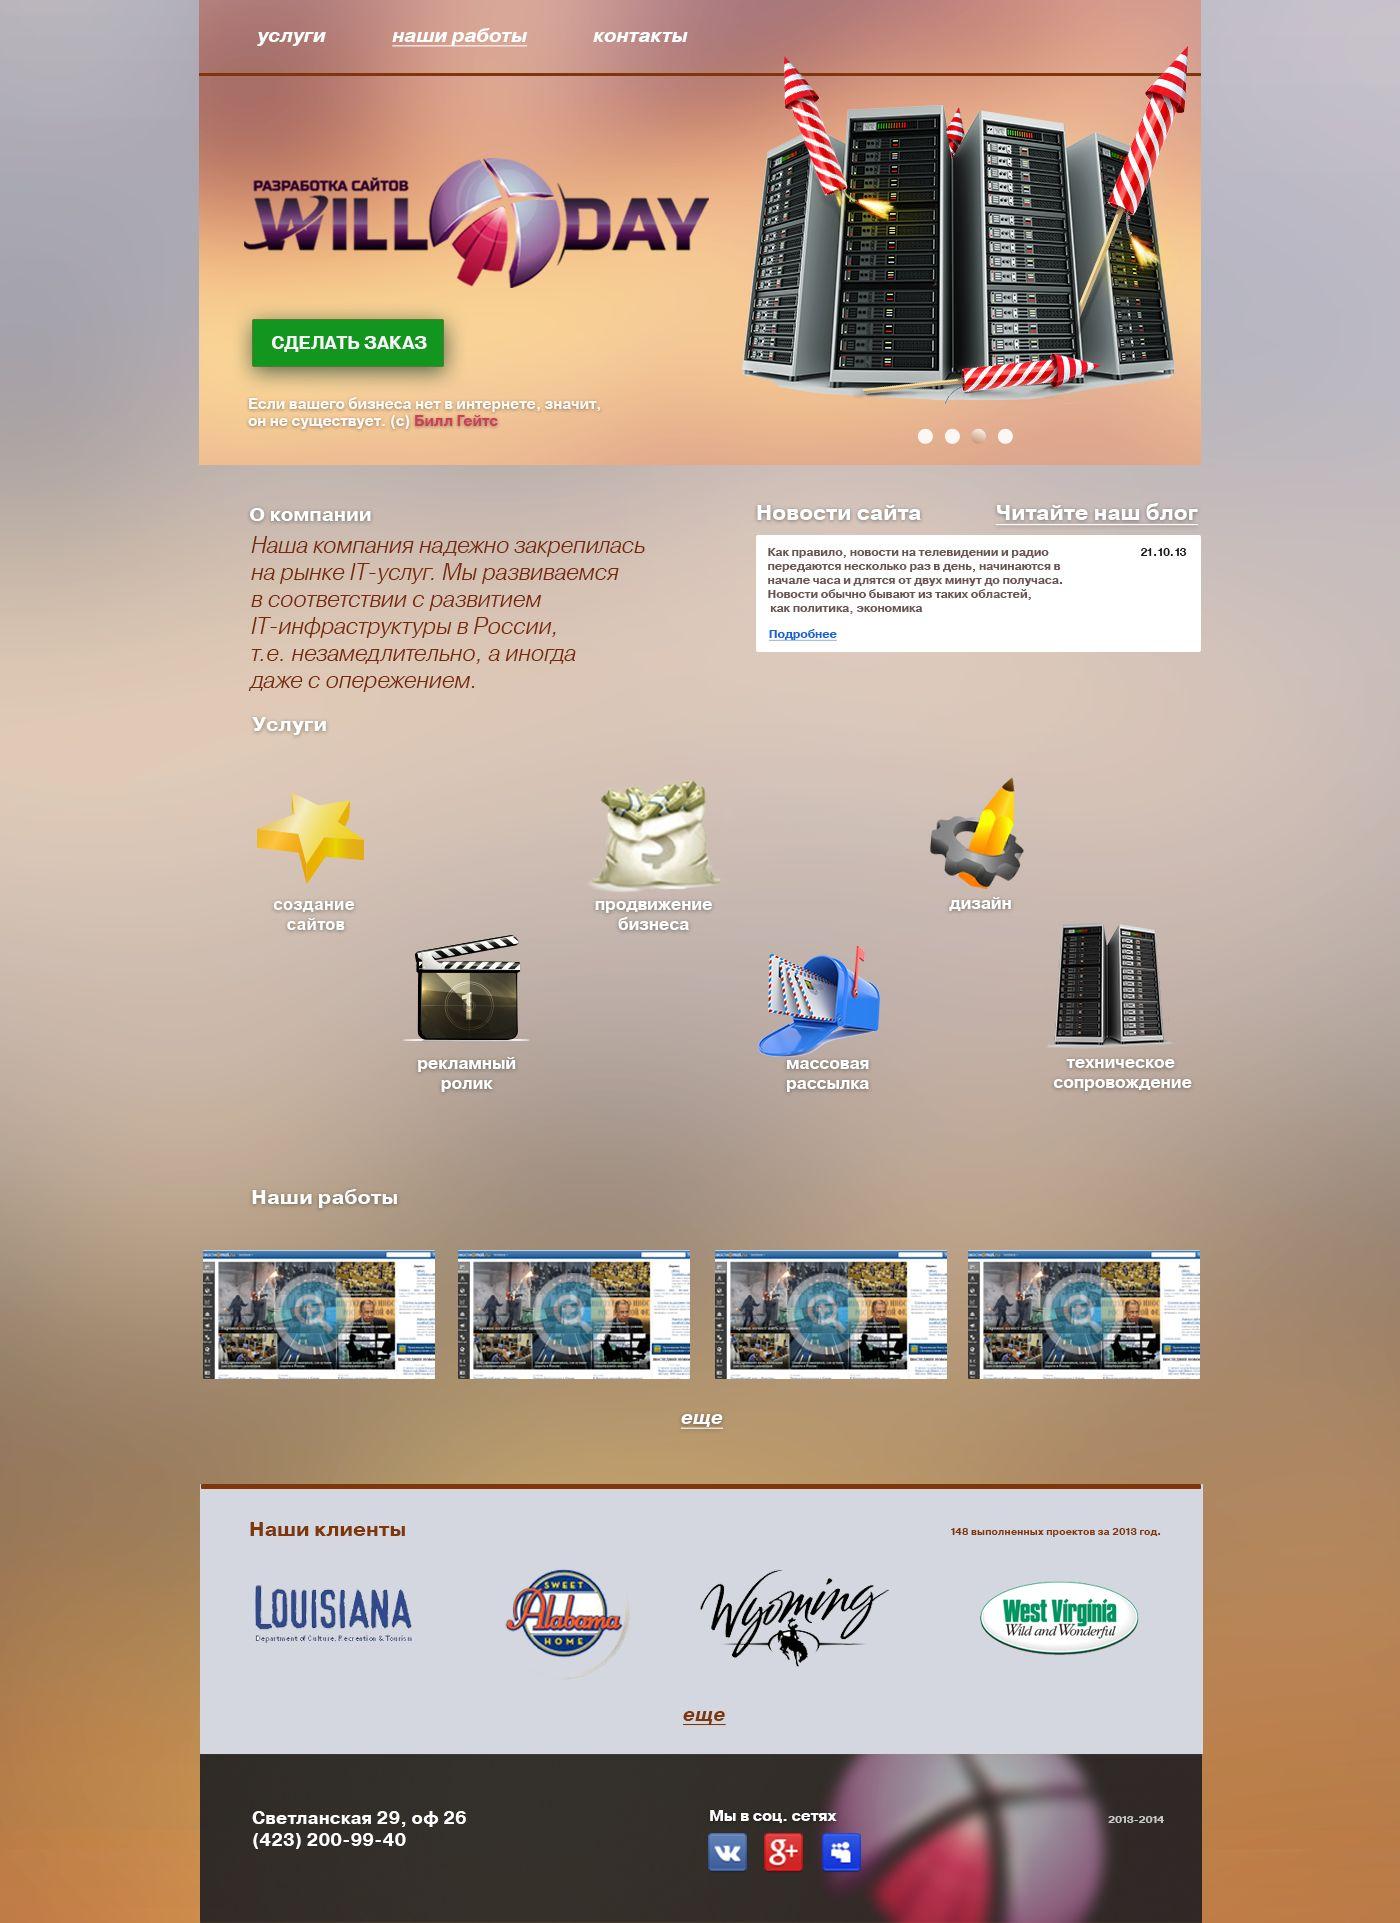 Дизайн главной страницы сайта web-студии Will Day - дизайнер Andrey_Dan